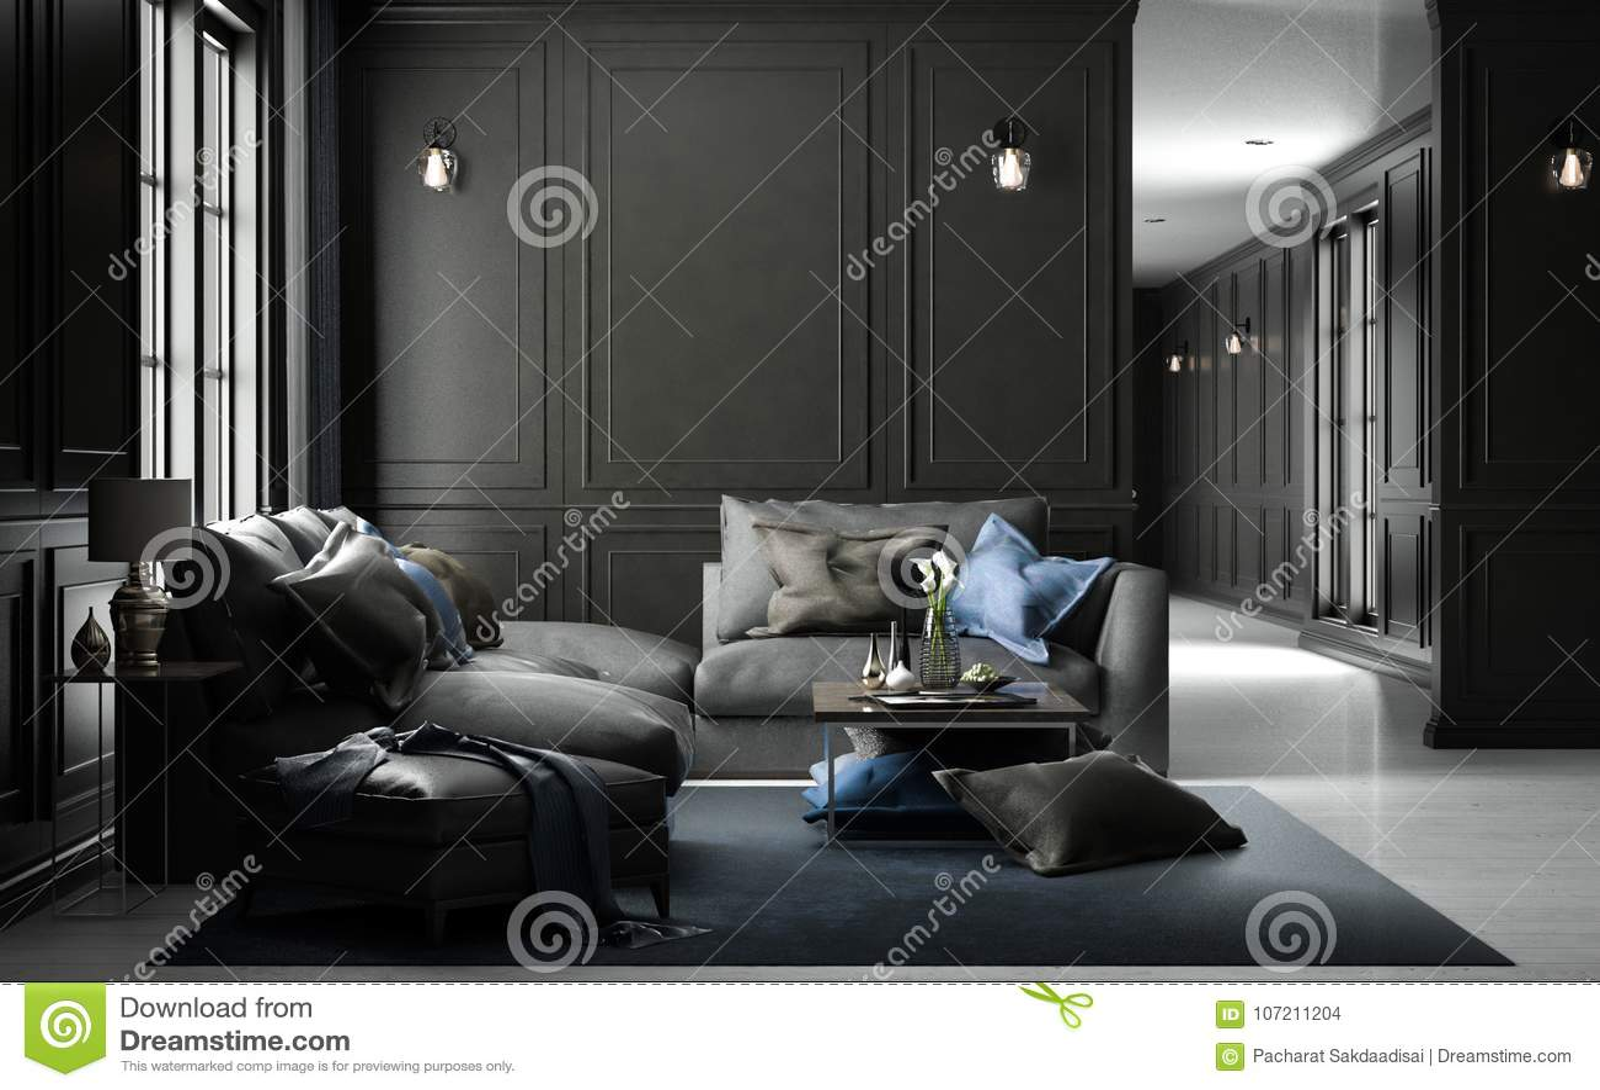 Maquette vivante intérieure de studio, style classique noir, renderin 3D